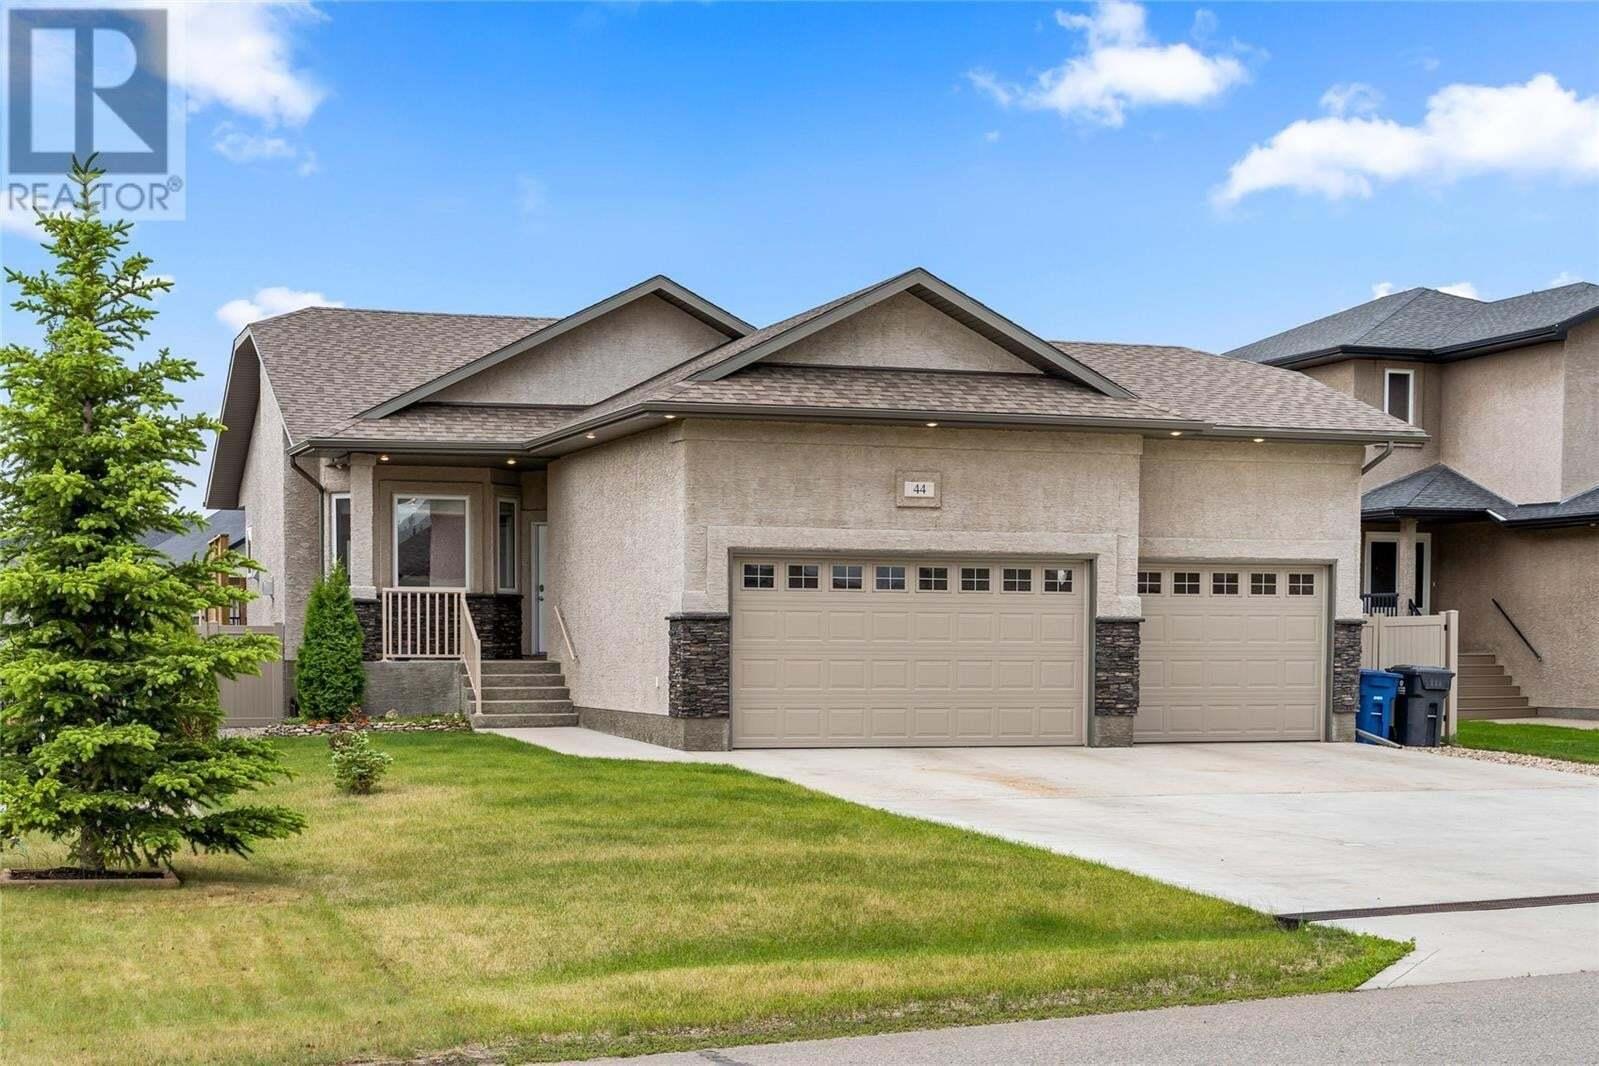 House for sale at 44 Lott Rd E White City Saskatchewan - MLS: SK813844